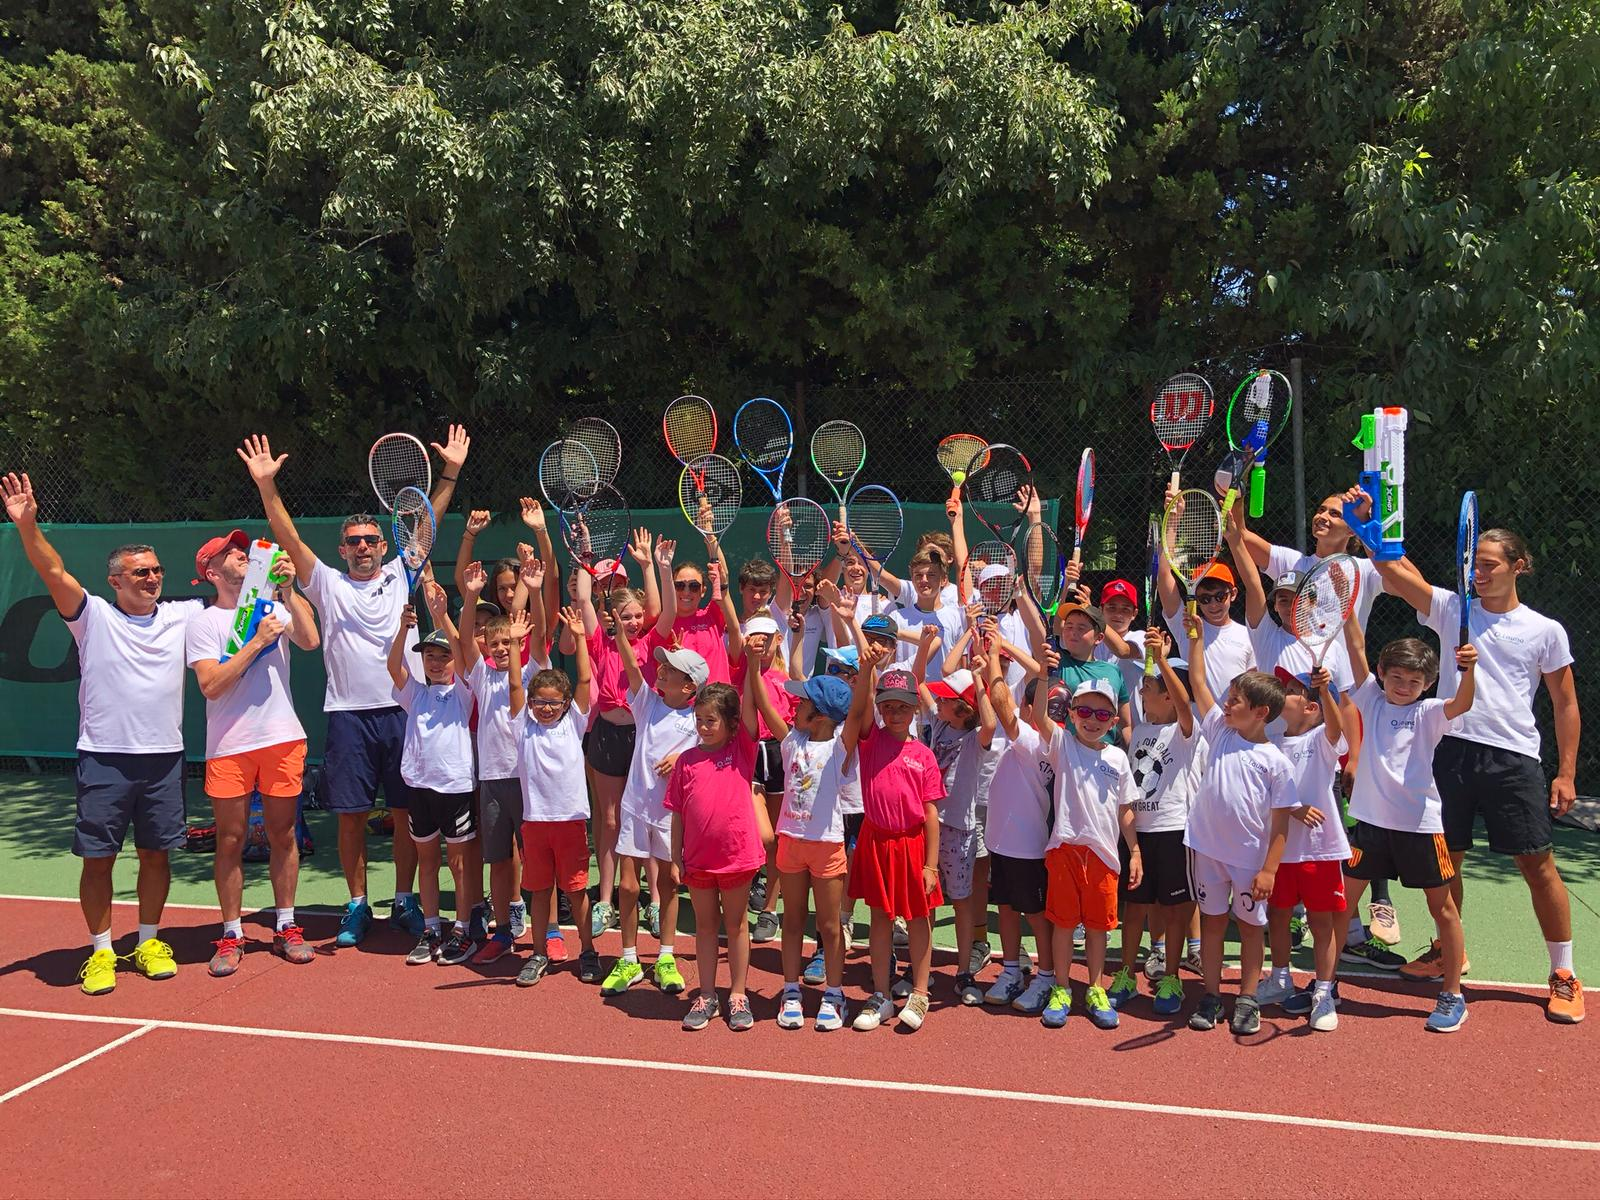 stages tennis du park - les accates - olivier launo 7